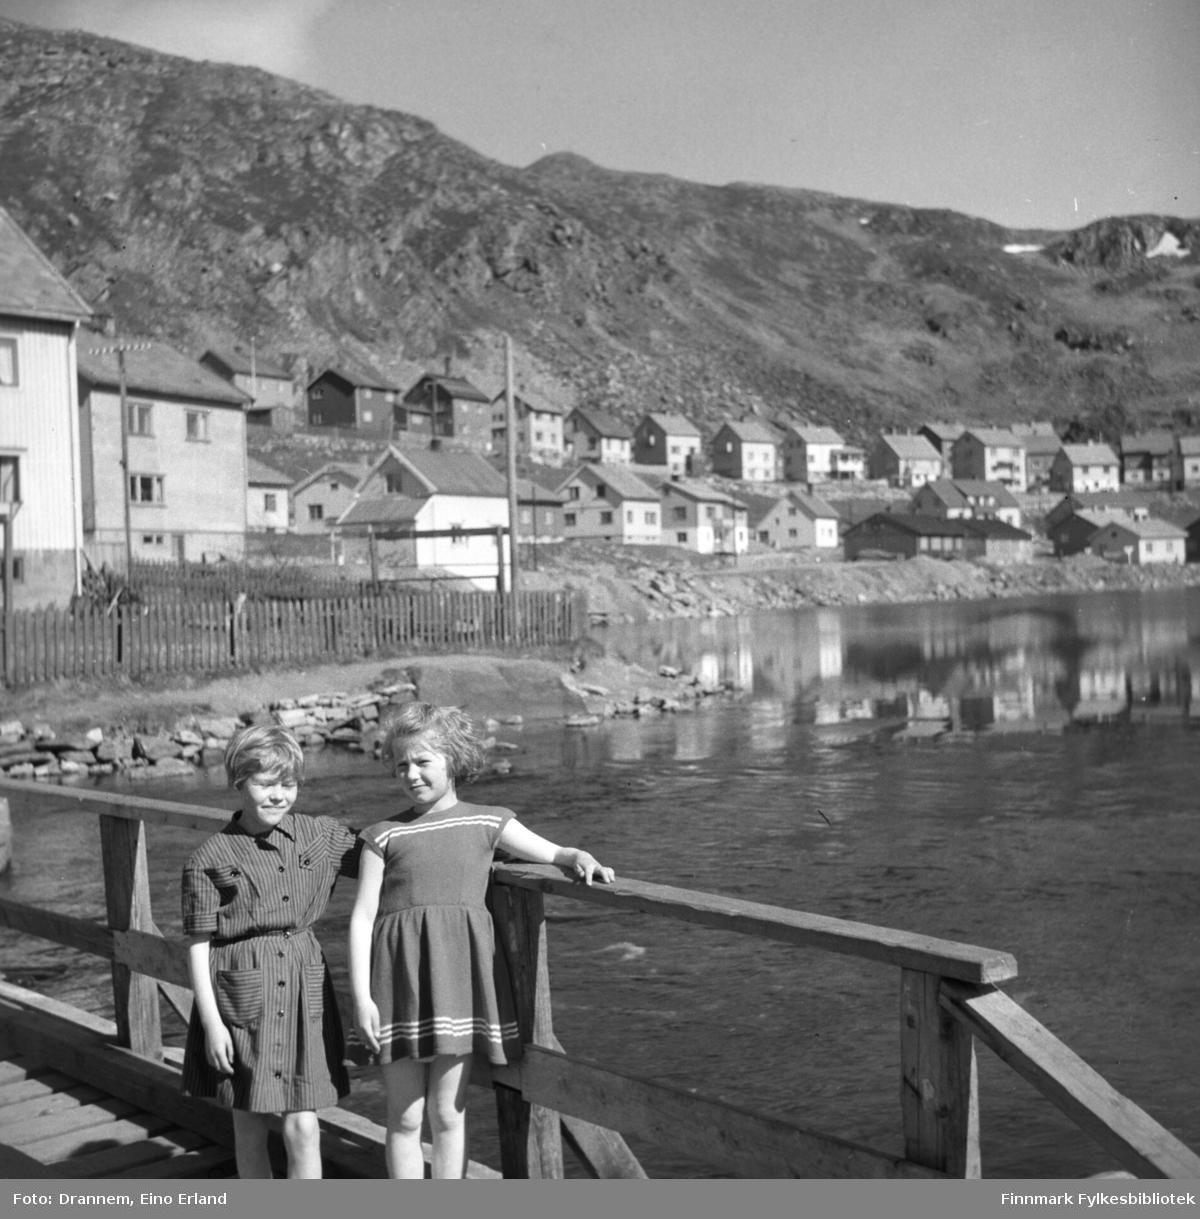 Vigdis Hansen og Turid Lillian står på kaia. I bakgrunnen ser man bygninger. Det er sol og varmt